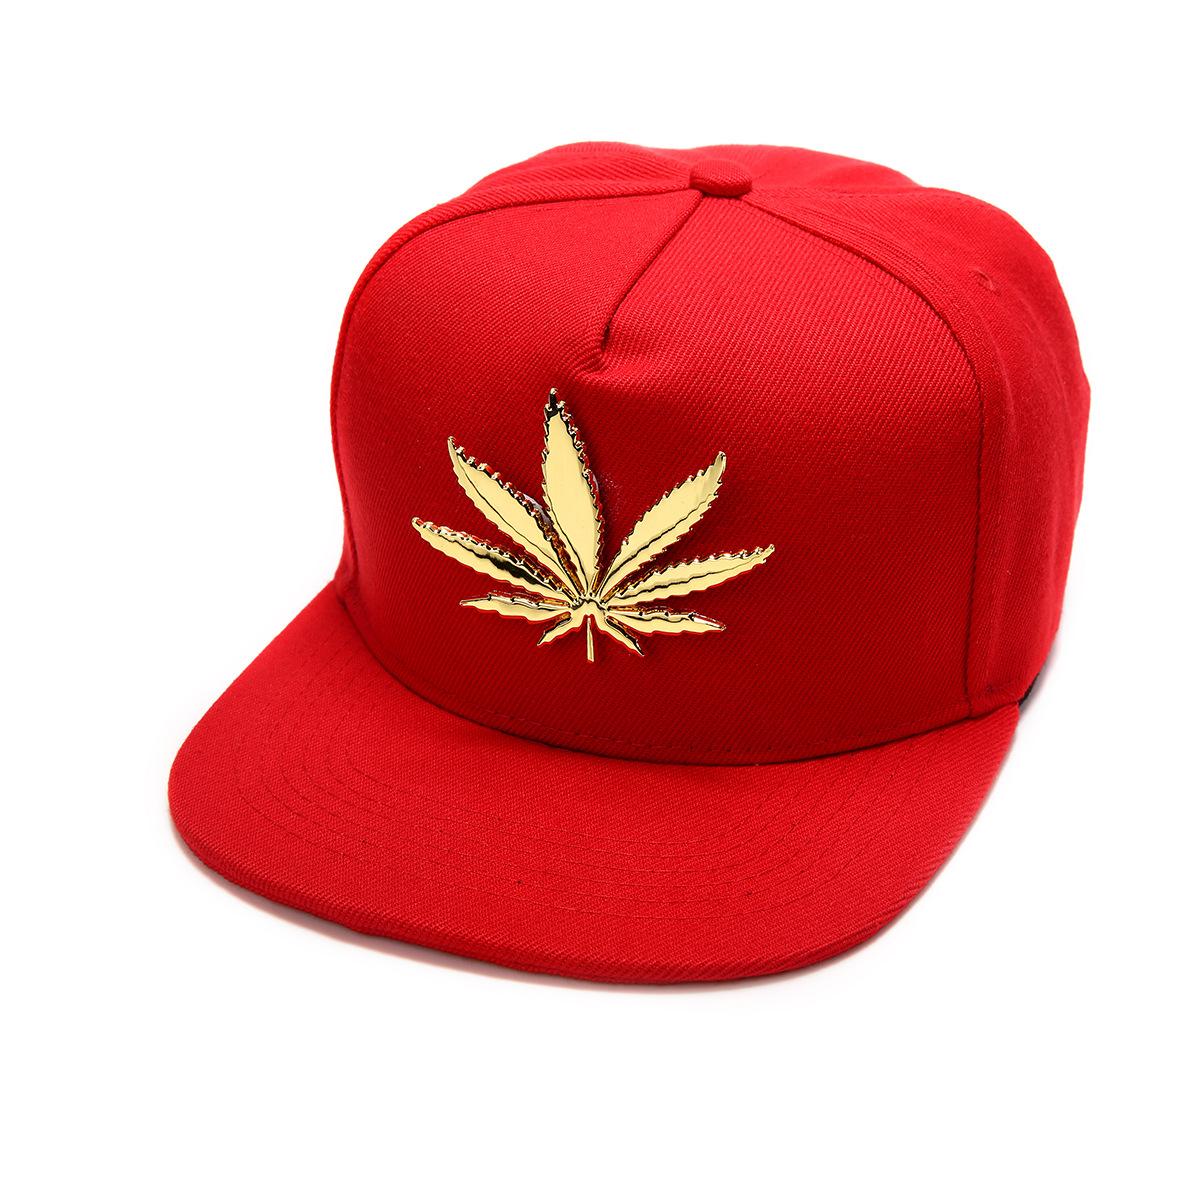 Baseball Cap - Weed Cotton Hip Hop Cap